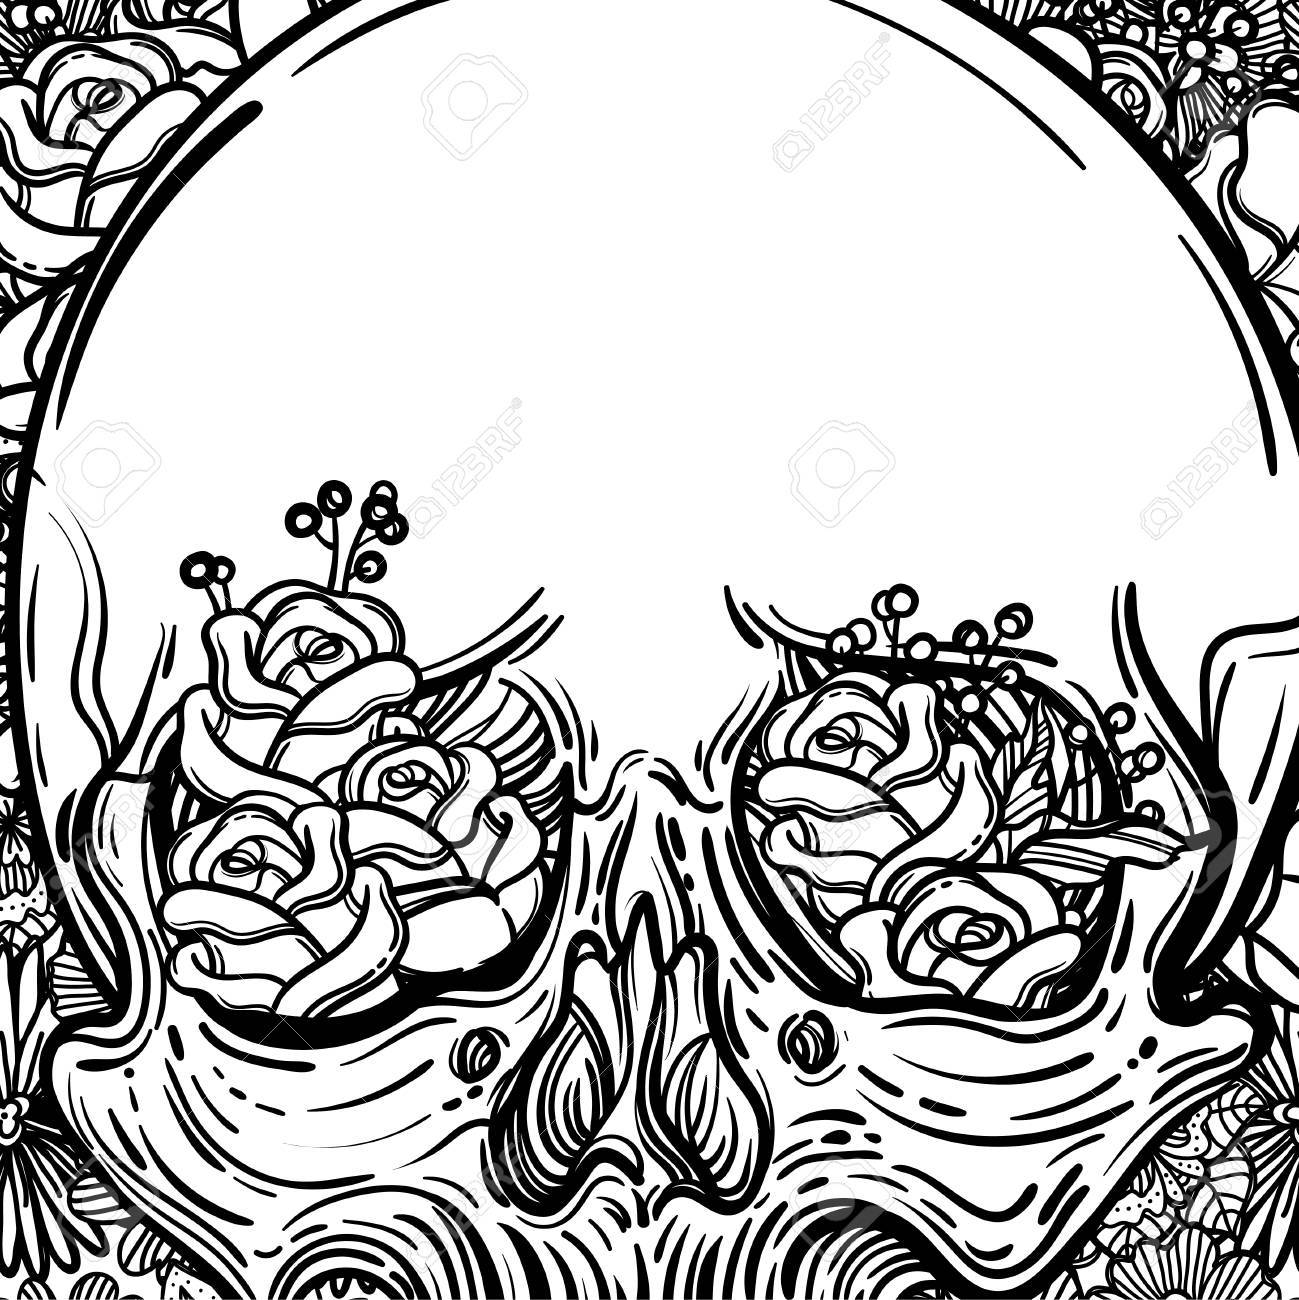 Ilustración Del Arte De Línea. Cráneo Asustadizo Y Flores. Impresión ...